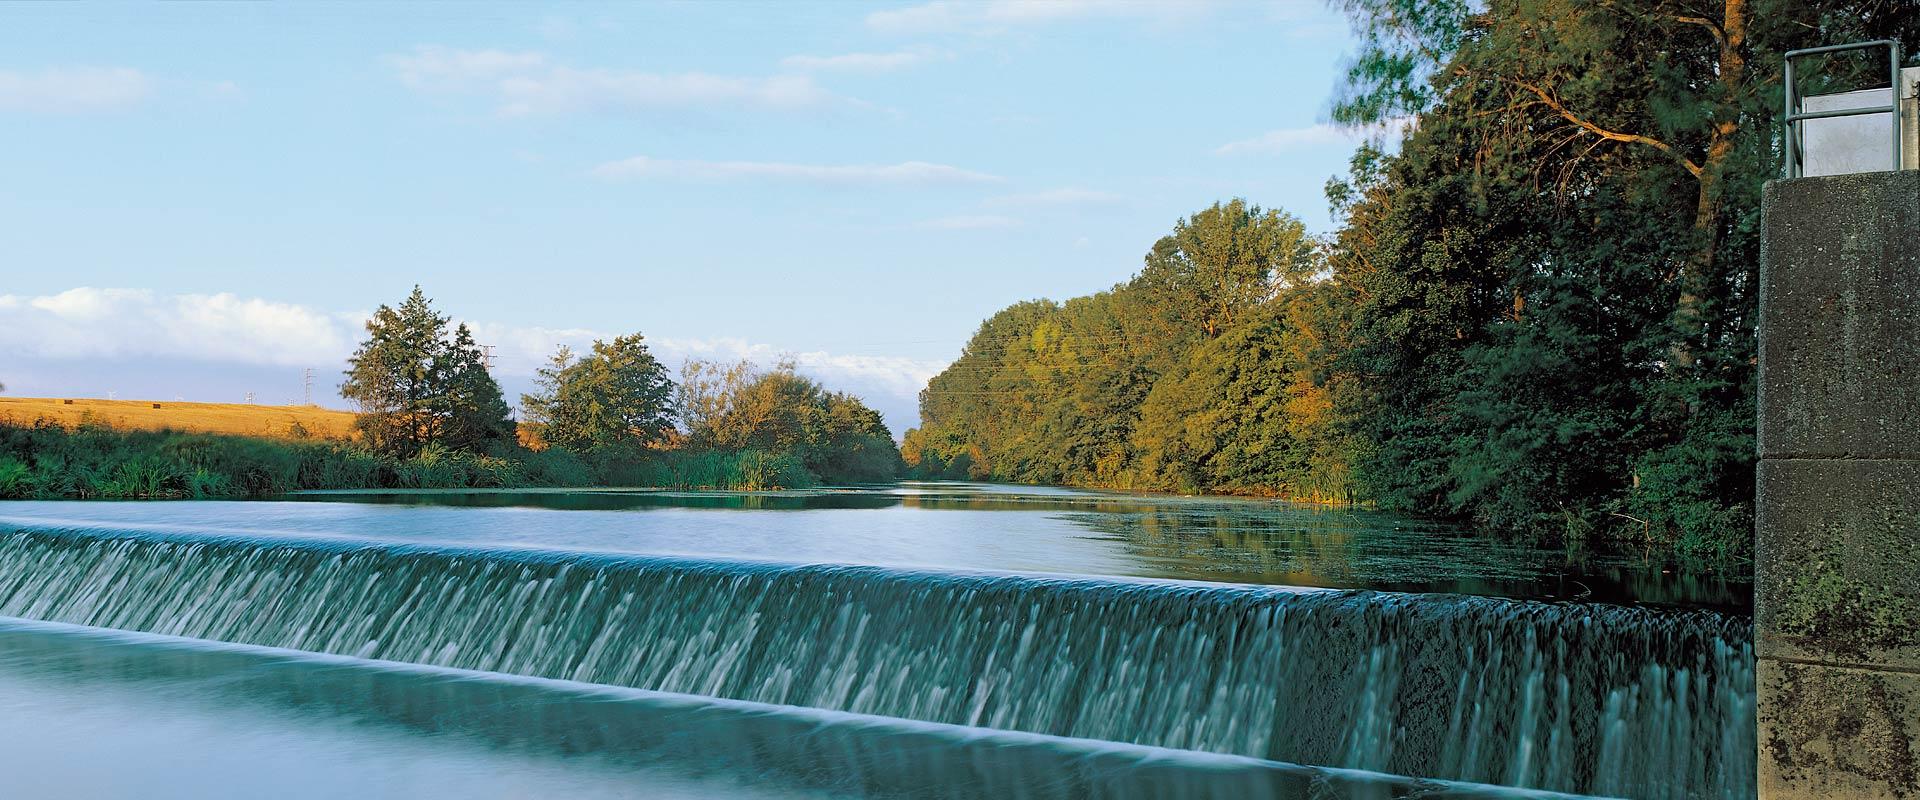 Zadorra river park